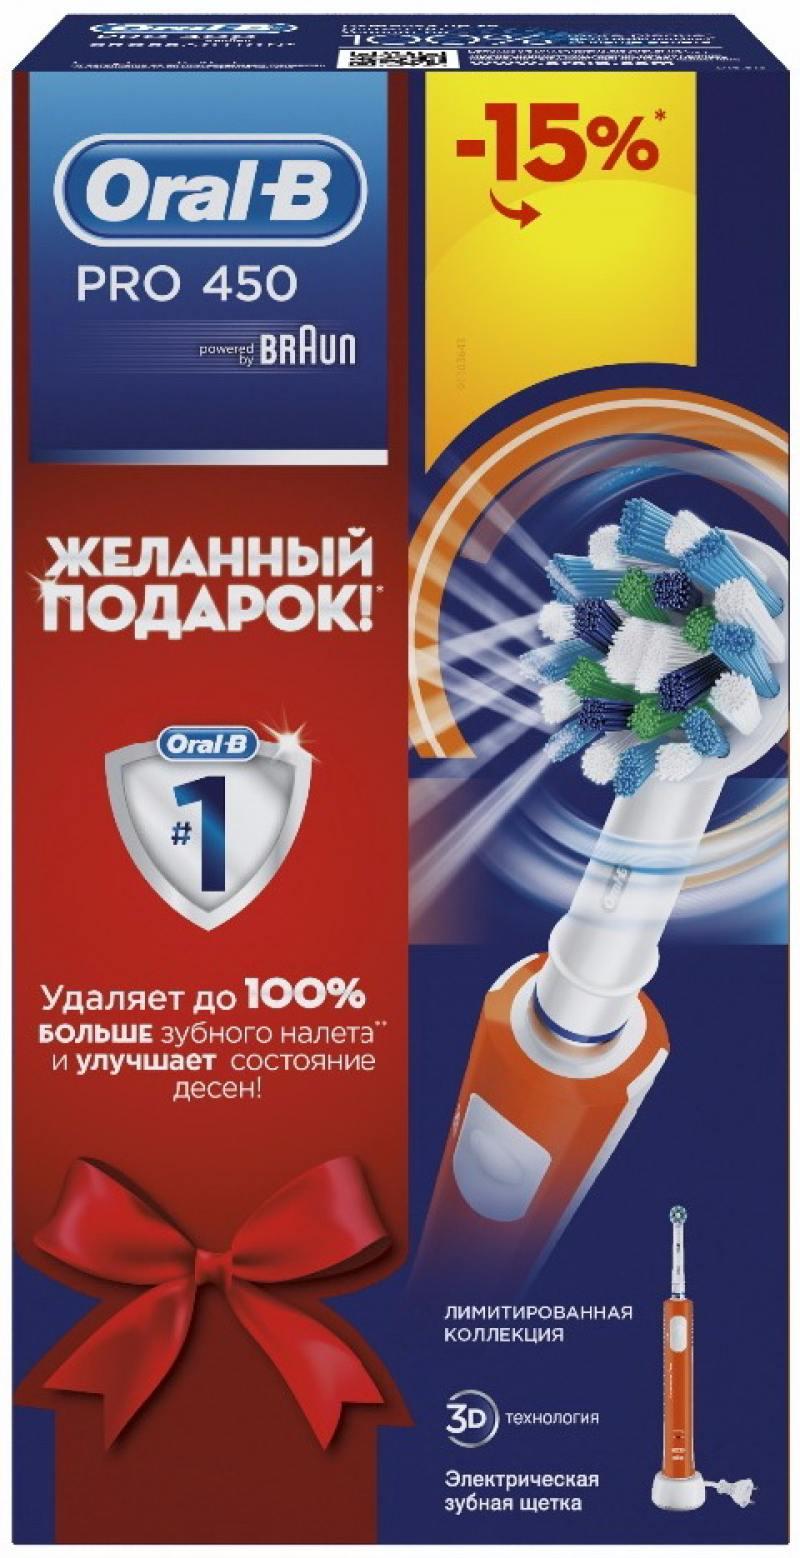 Зубная щётка Braun Oral-B Pro 450 белый электрические зубные щетки oral b электрическая зубная щётка oral b 450 cross action